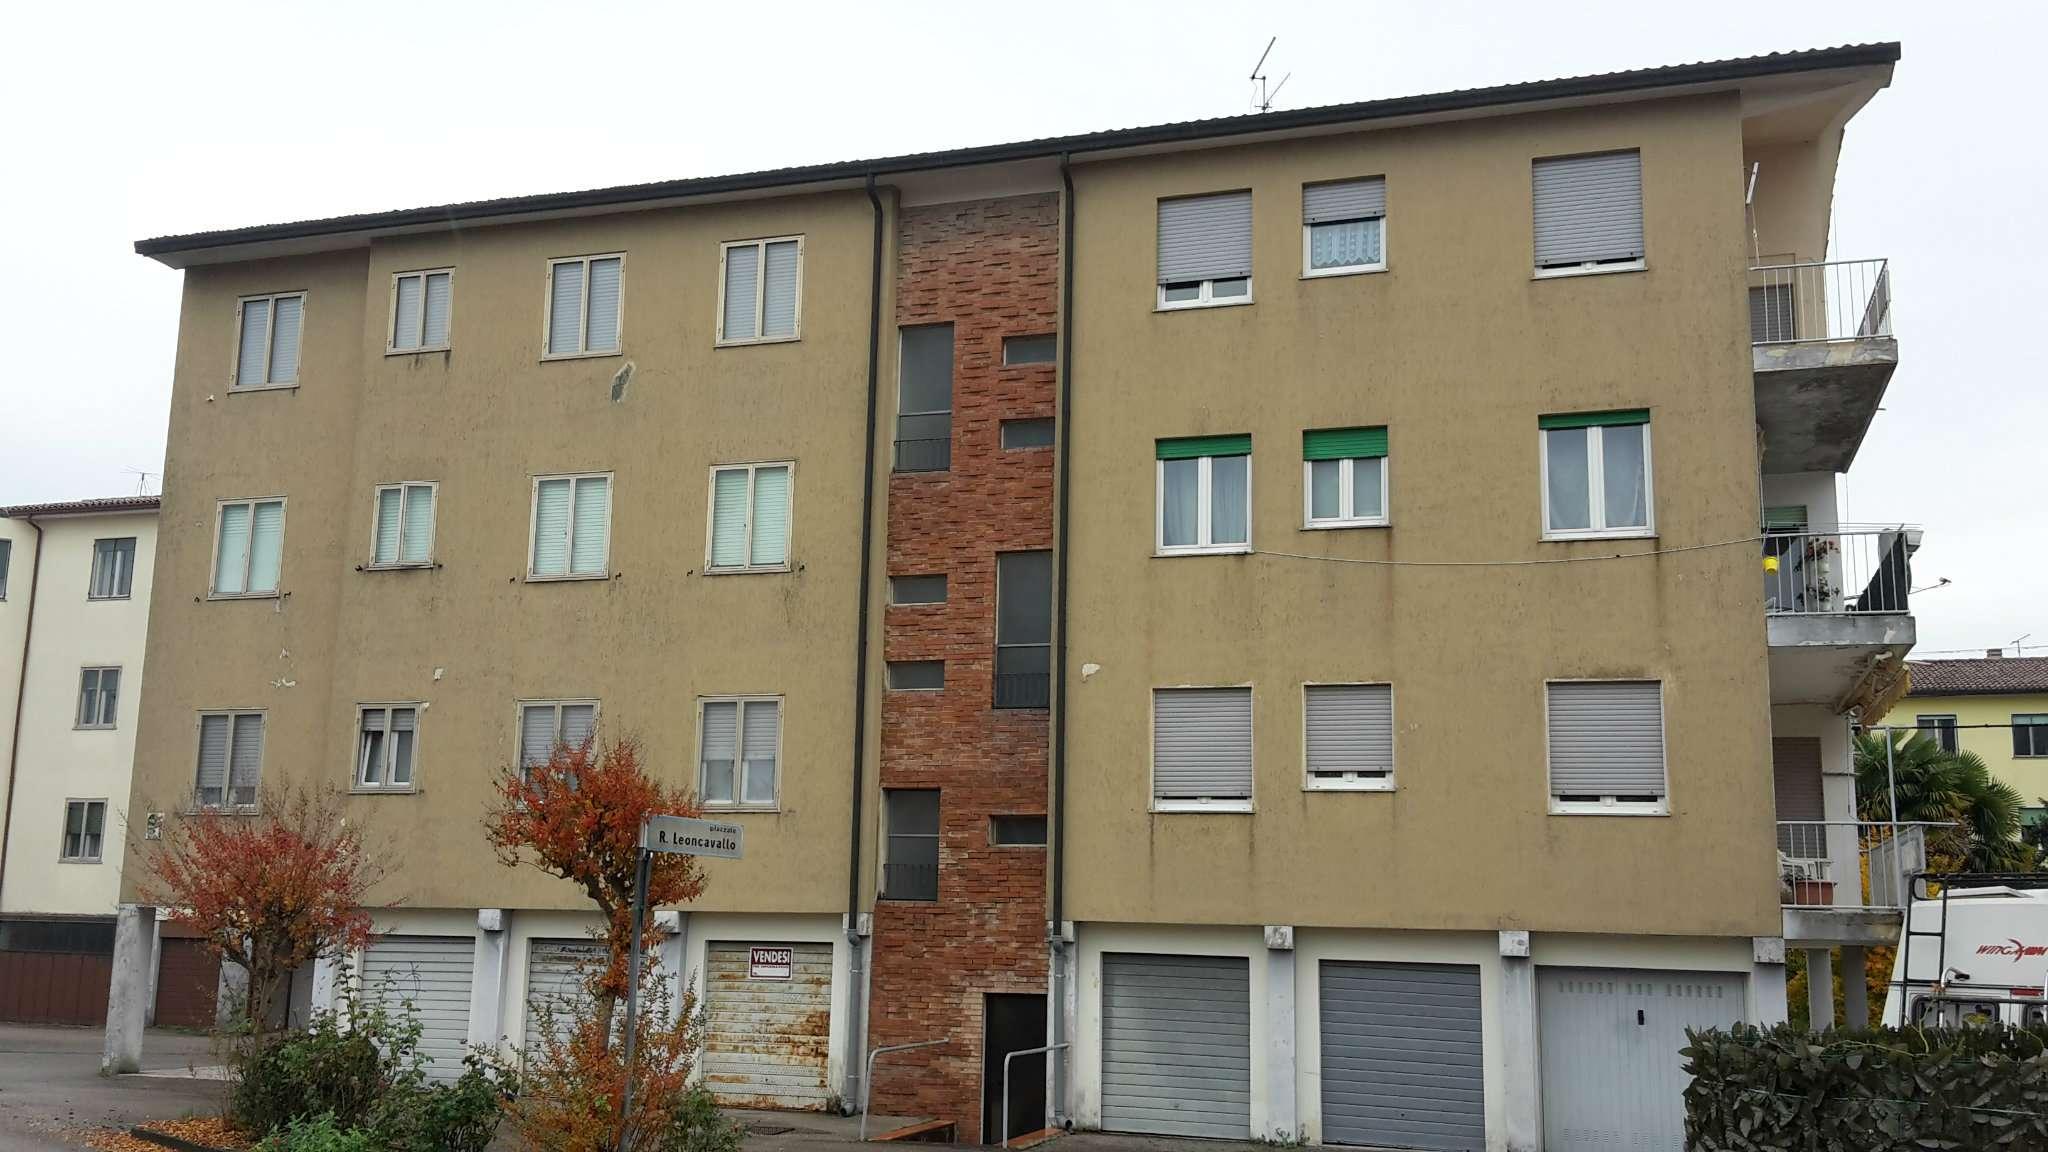 Appartamento in vendita a Schio, 6 locali, prezzo € 59.000 | Cambio Casa.it